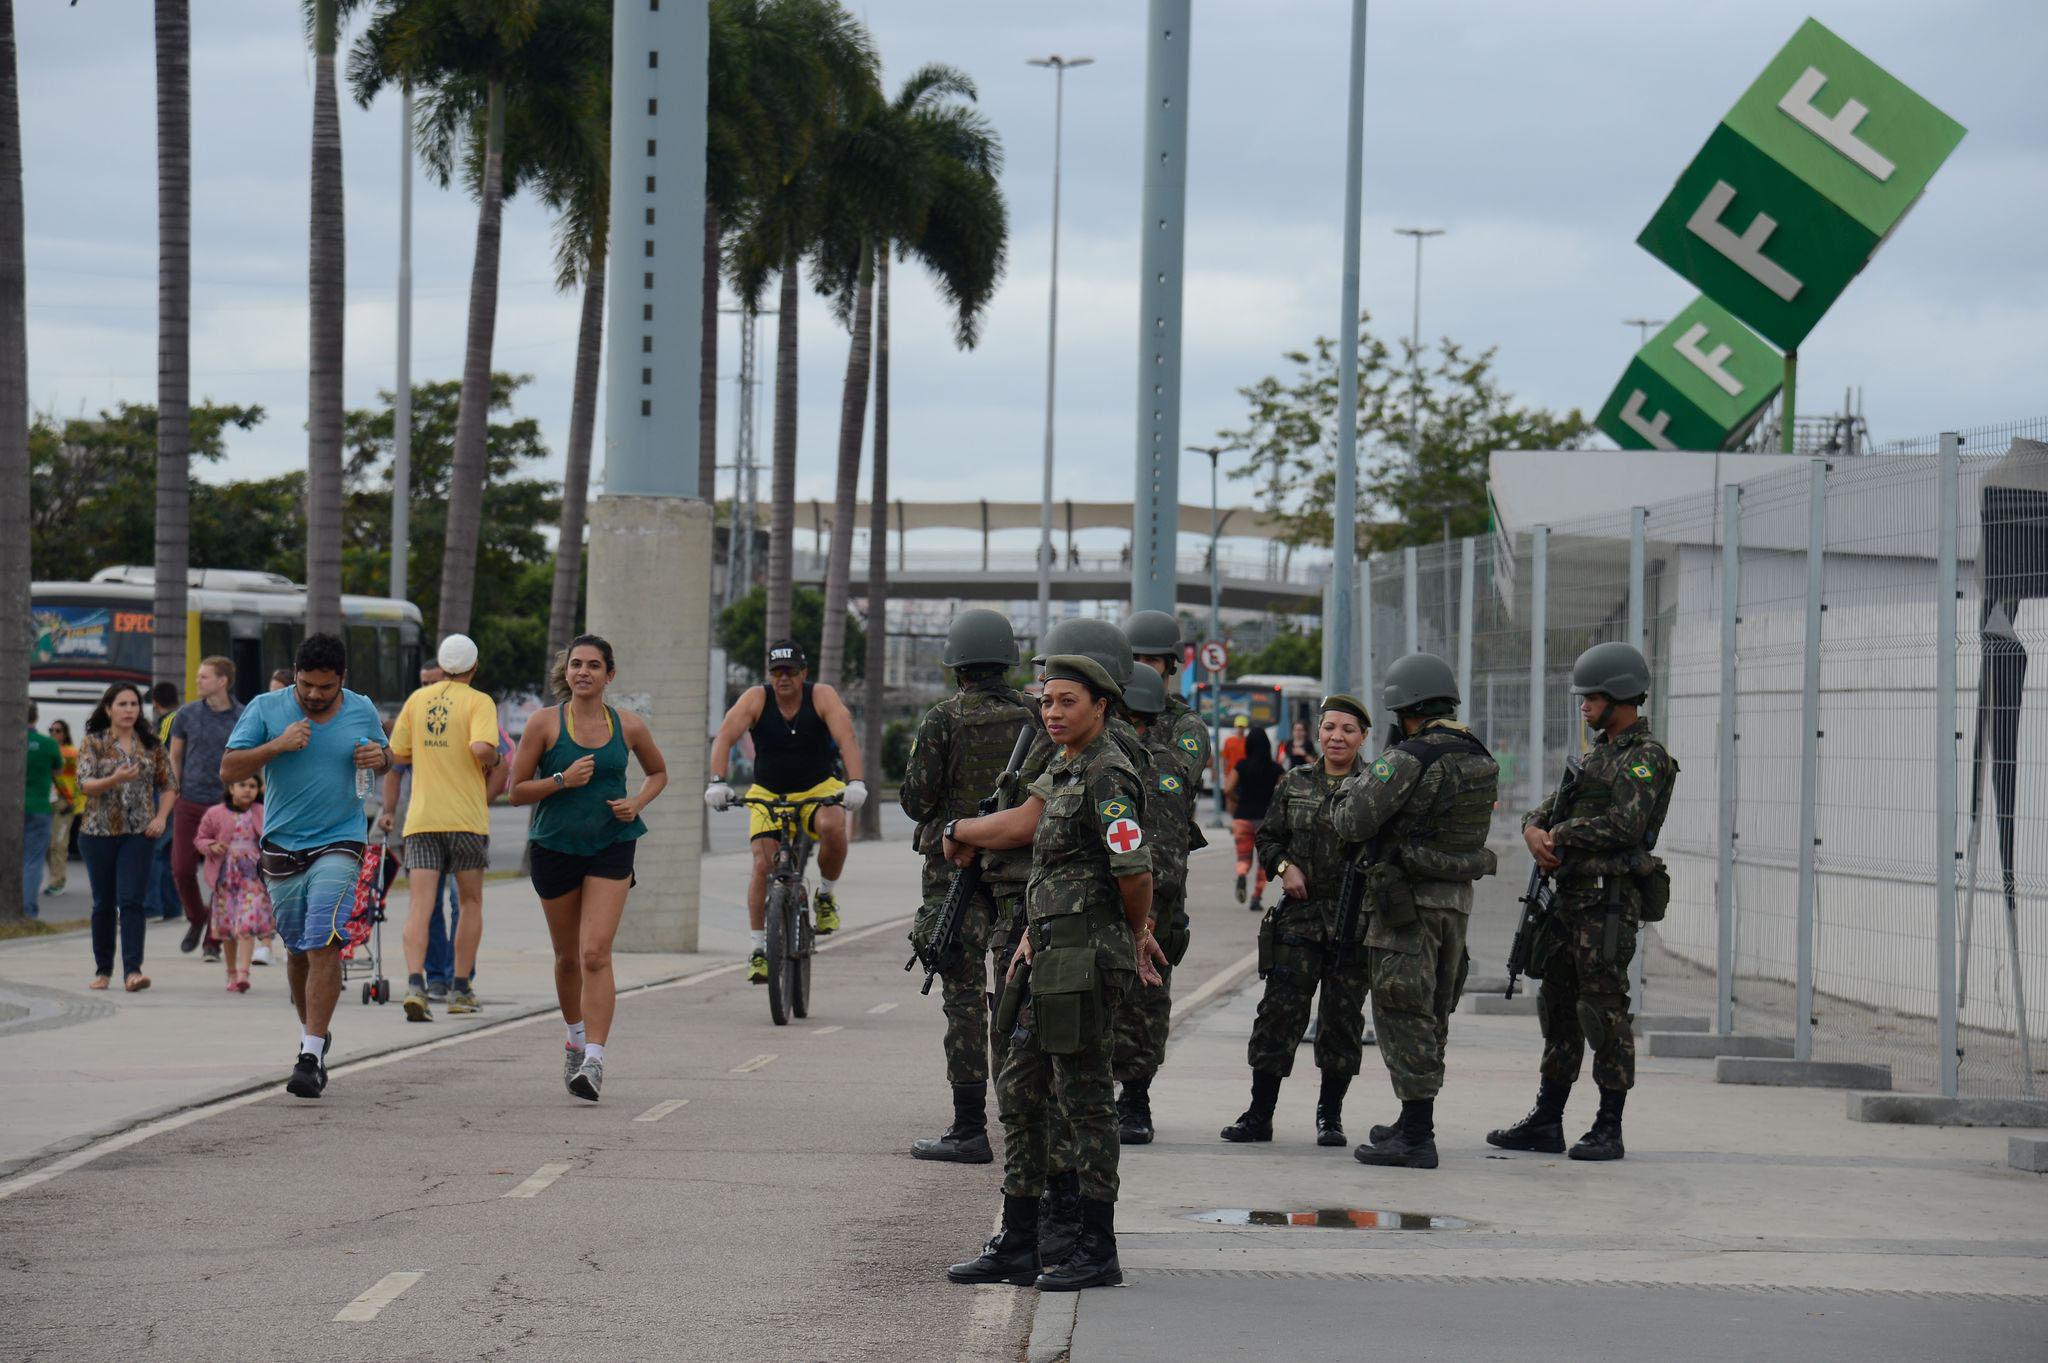 Segurança - forças armadas - Exército nas ruas segurança pública reforço Rio de Janeiro tropas soldados